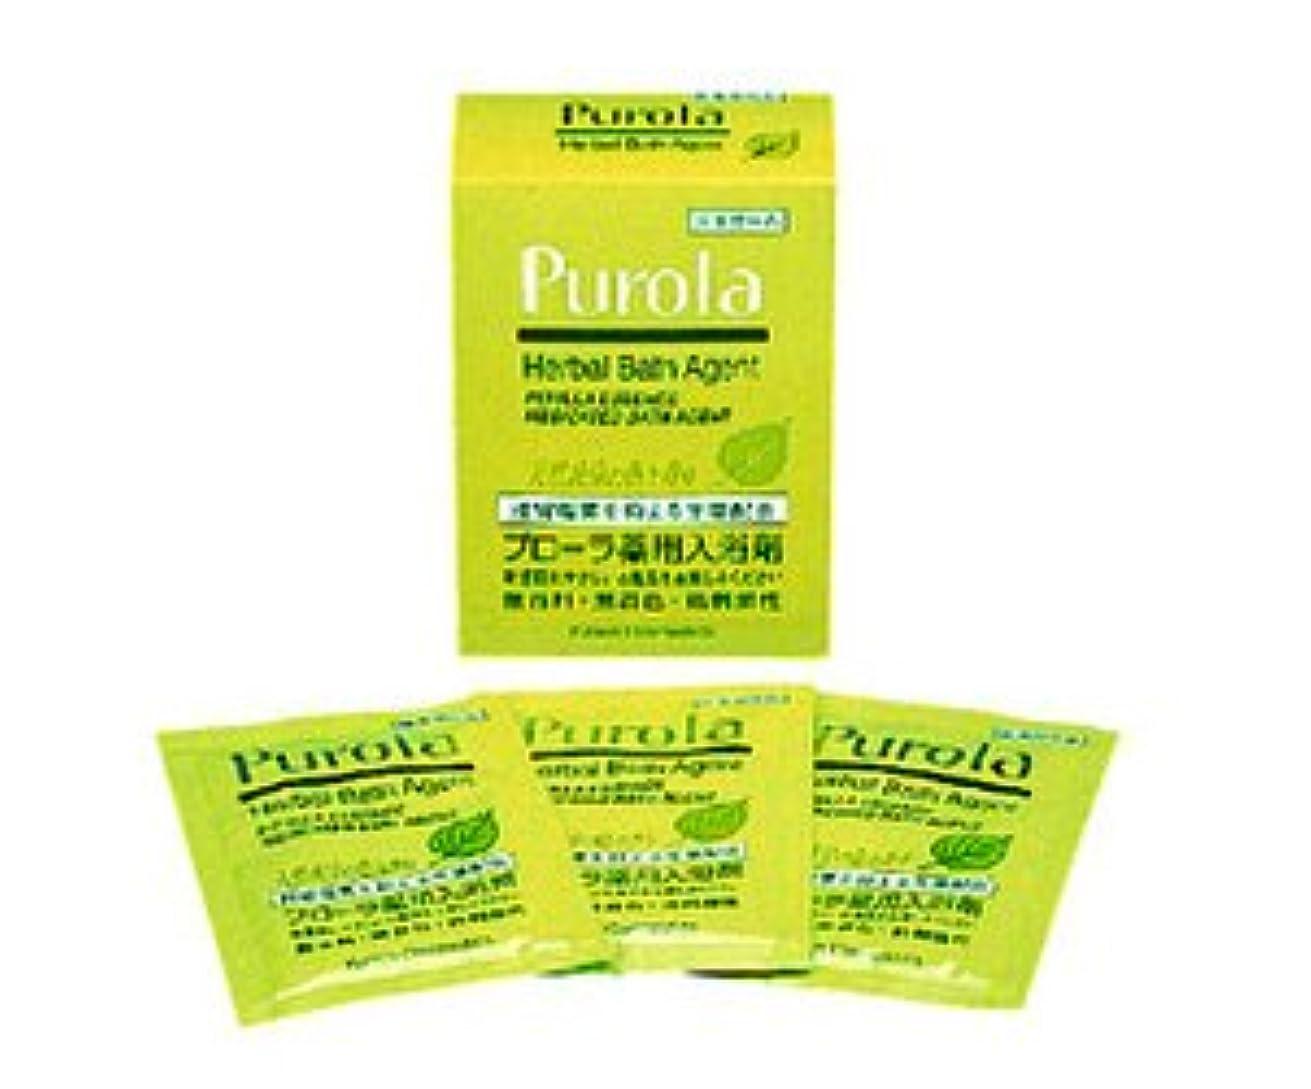 手入れパワーセル補充プローラ薬用入浴剤 25g×10包 低刺激性入浴剤